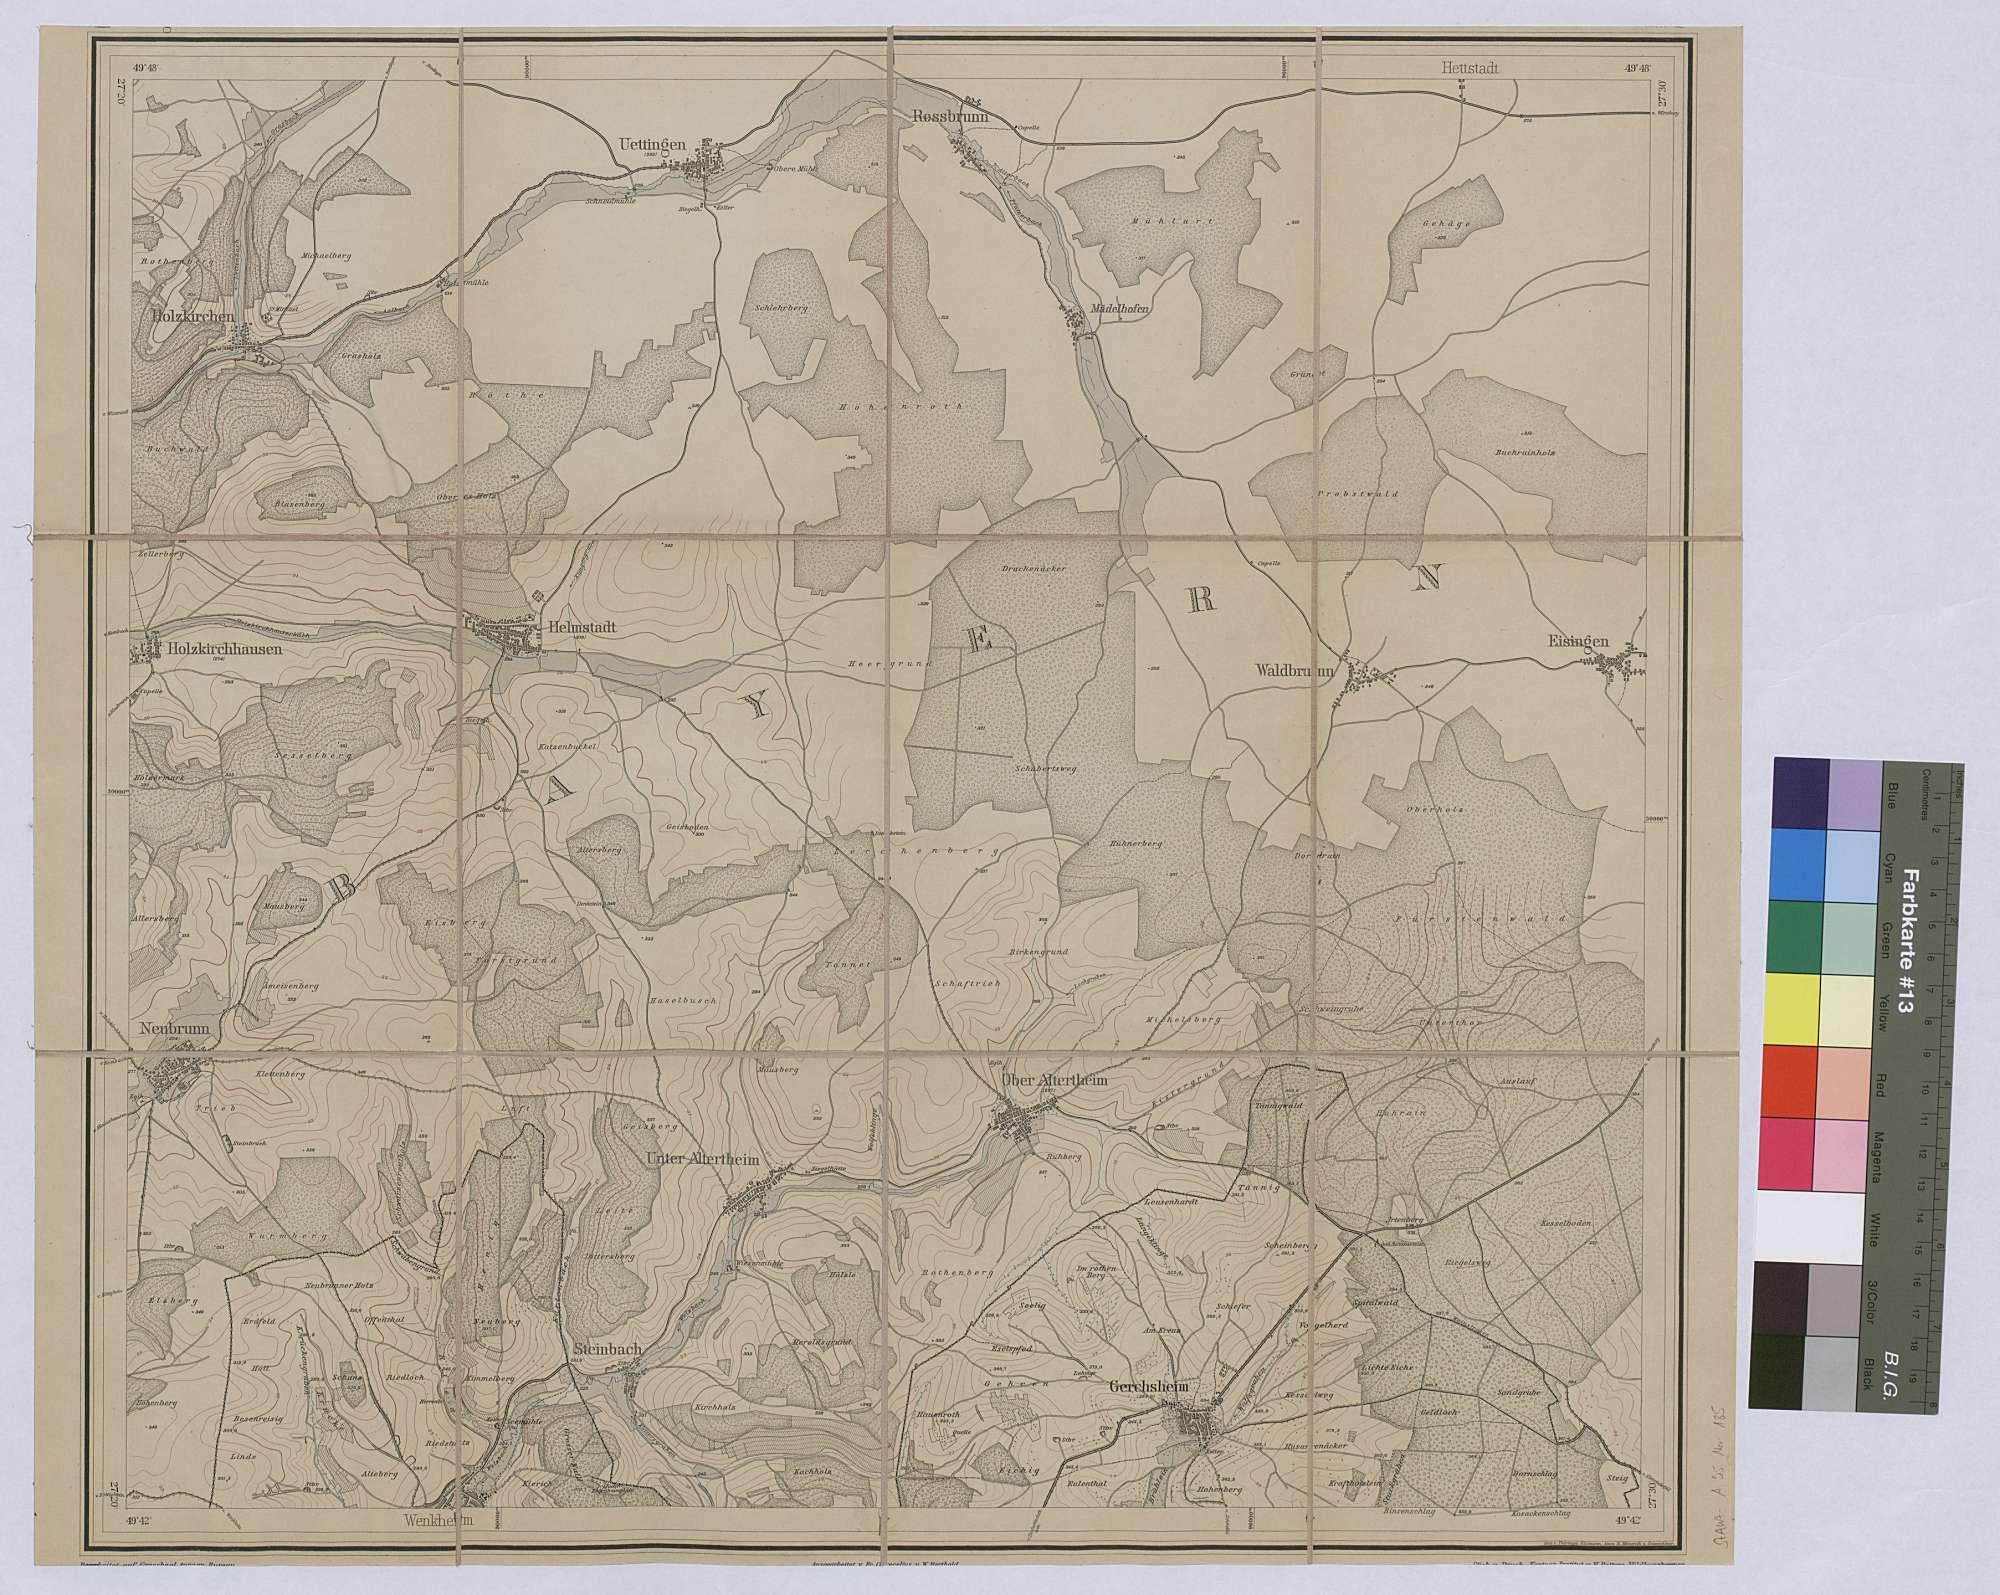 Neue topographische Karte von Baden, Blatt 4 Gerchsheim, Vorderseite